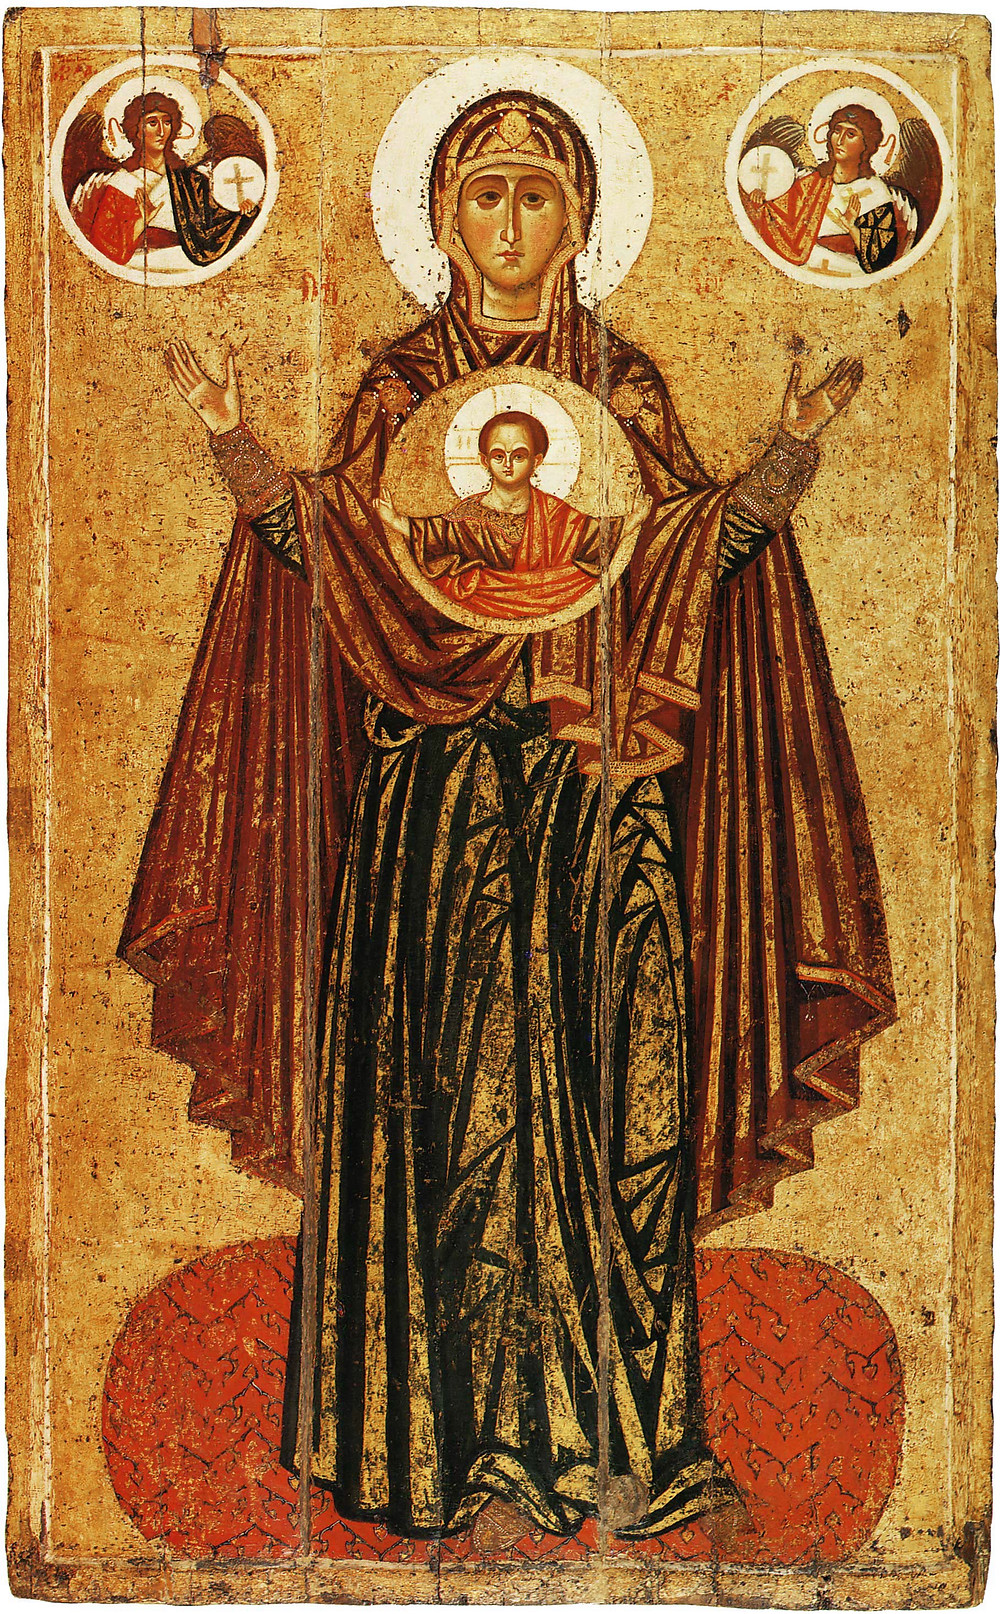 Богоматерь Великая Панагия (Оранта). XIII в. Ярославль